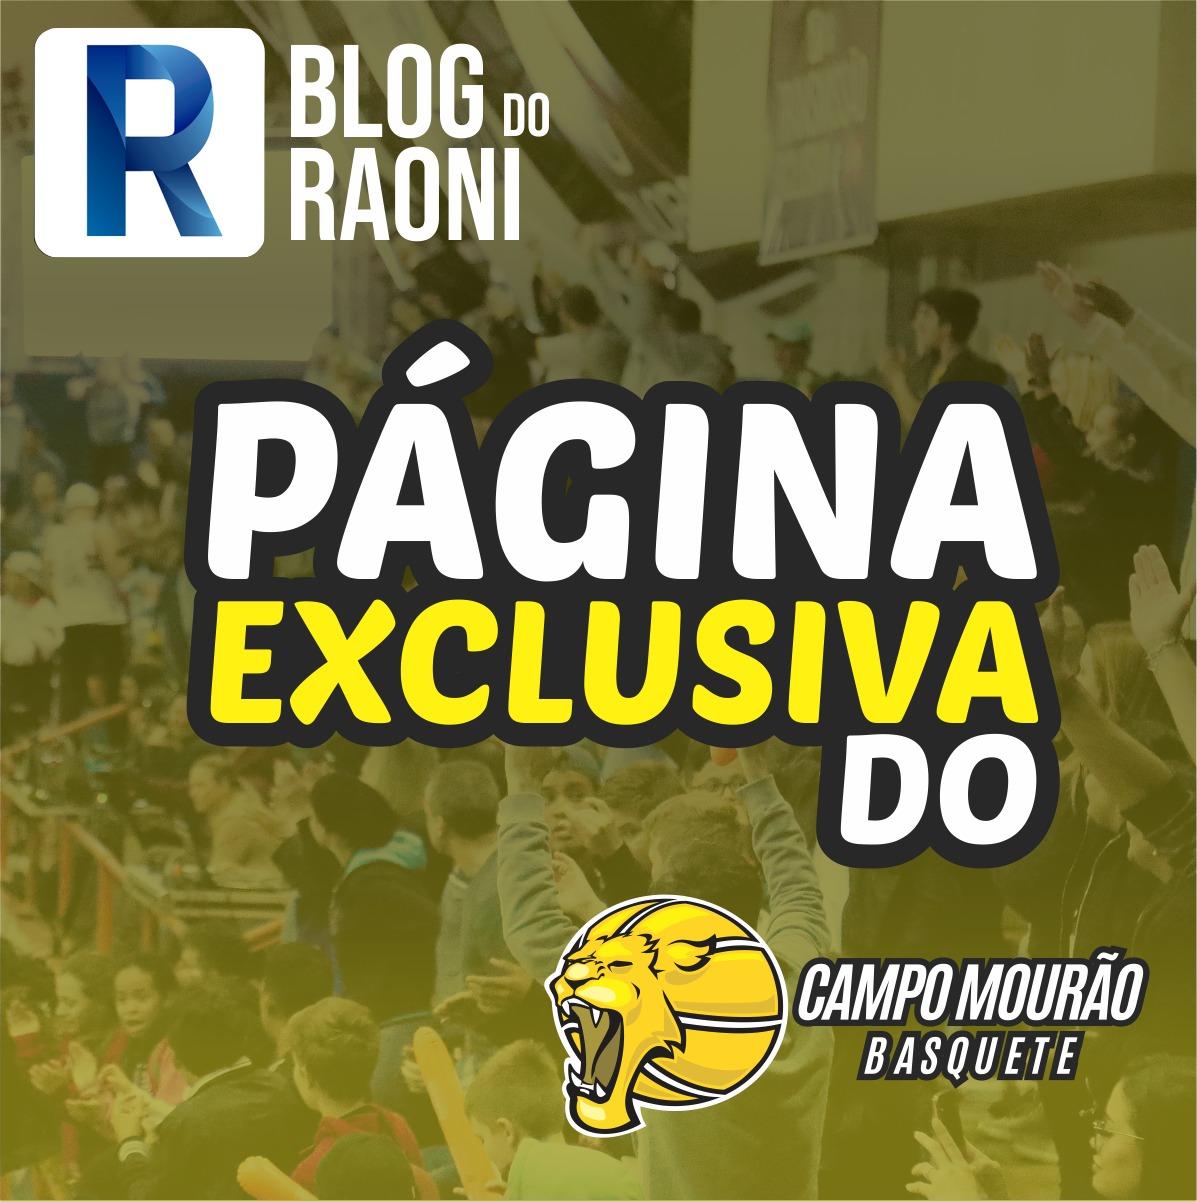 PÁGINA EXCLUSIVA – CAMPO MOURÃO BASQUETE